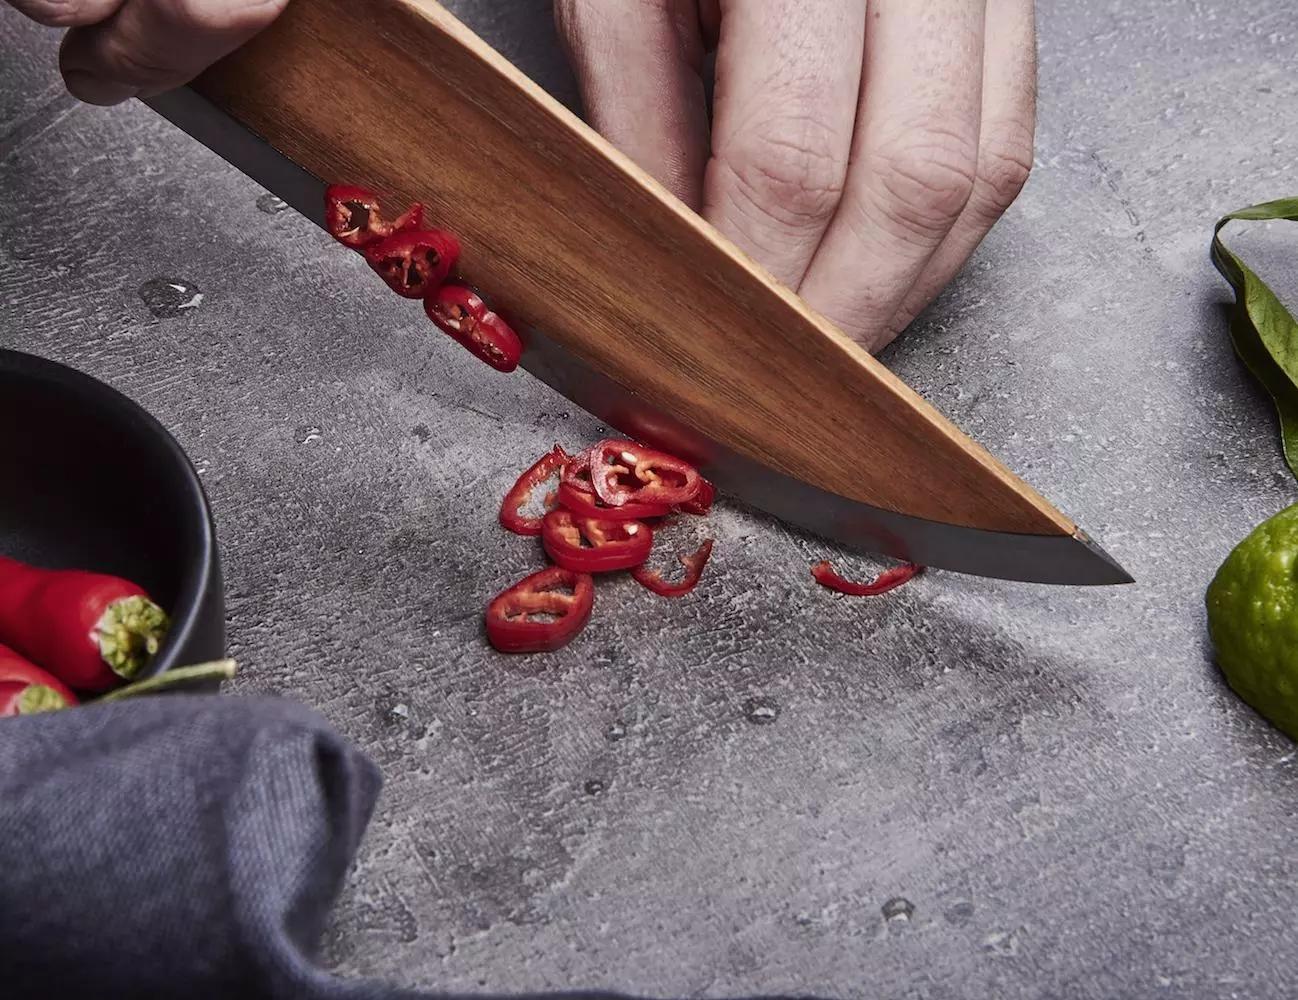 外貌超越功能的厨师刀插图8